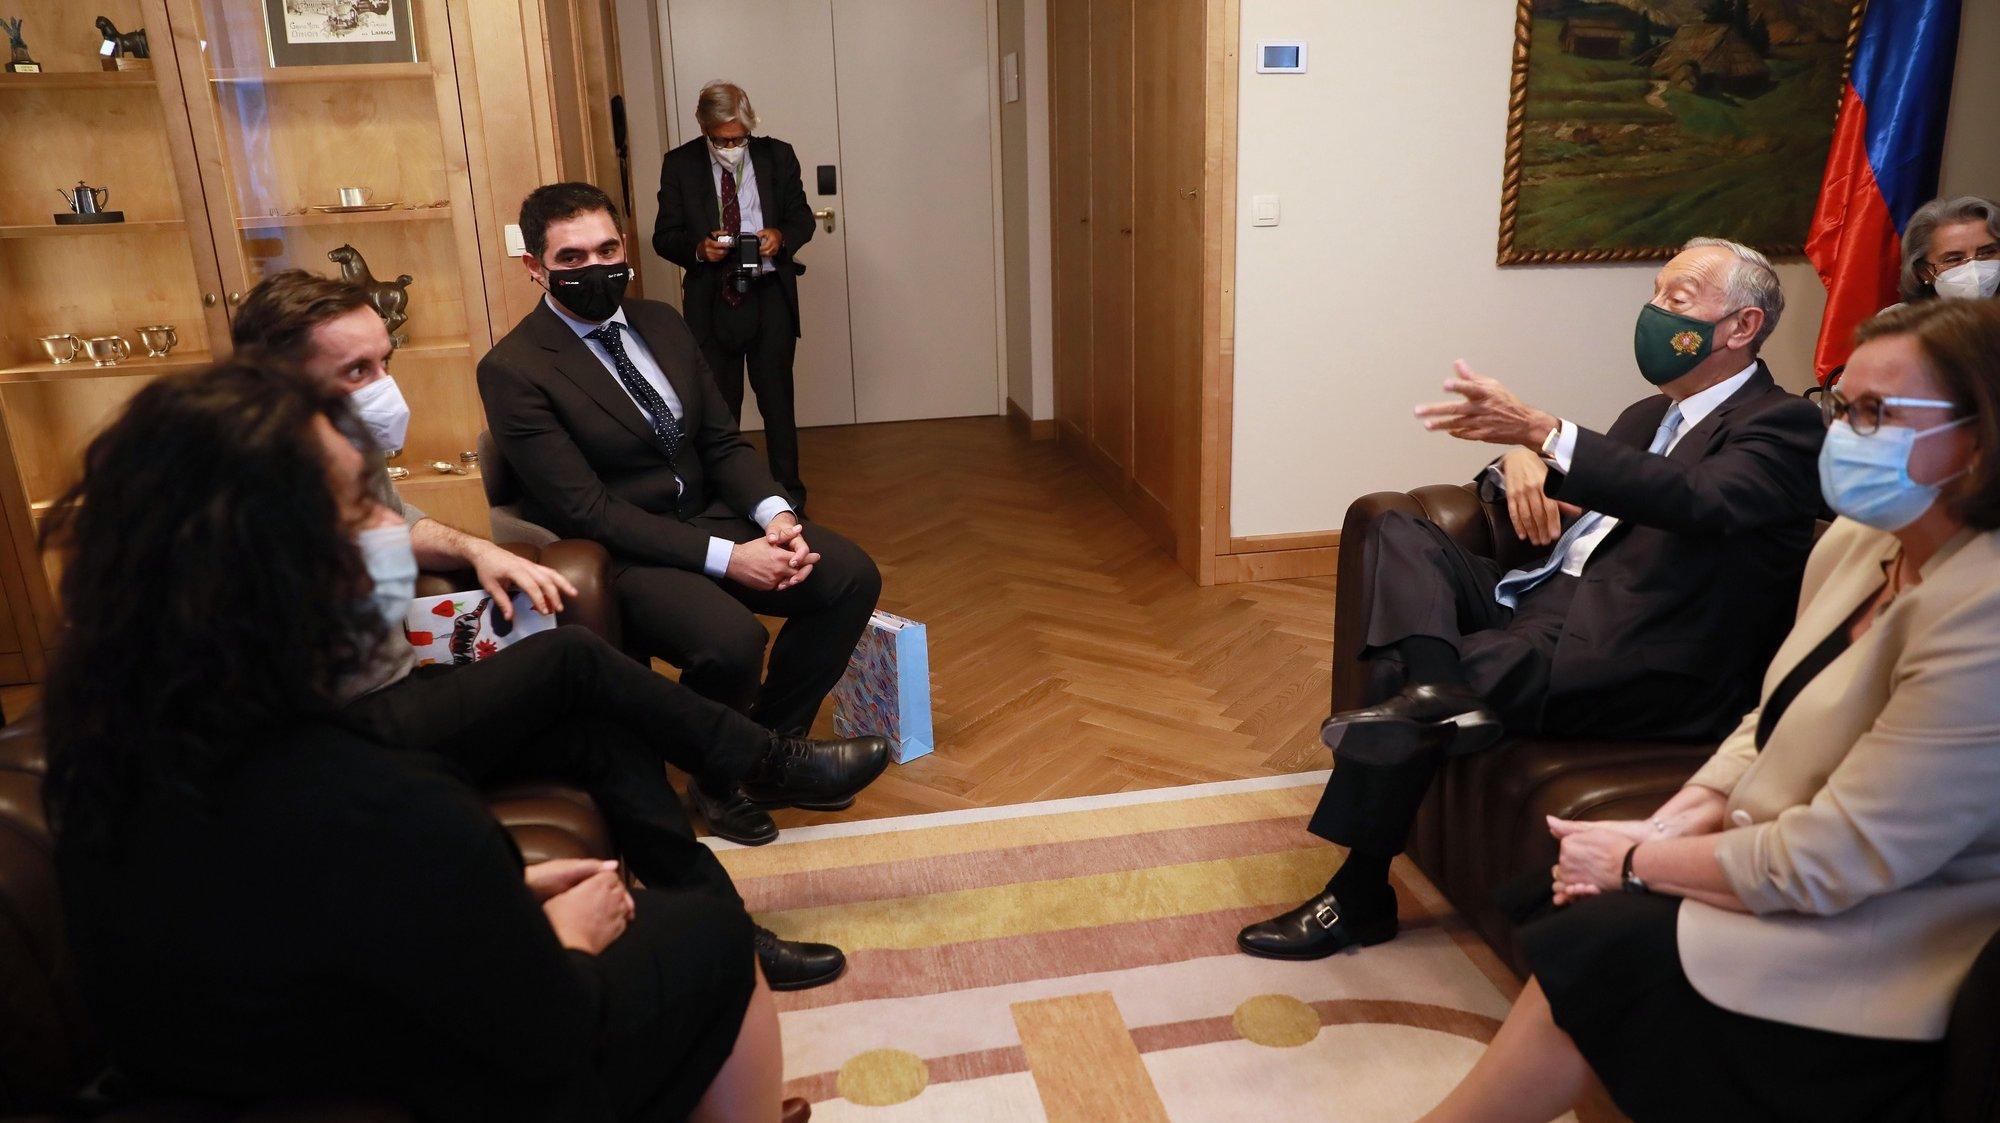 O Presidente da República Portuguesa, Marcelo Rebelo de Sousa (2D), encontra-se em Liubliana com representantes da comunidade portuguesa na Eslovénia, 30 de maio 2021. Marcelo Rebelo de Sousa, está em visita oficial à Eslovénia entre domingo e terça-feira, seguindo depois para a Bulgária. ESTELA SILVA/LUSA